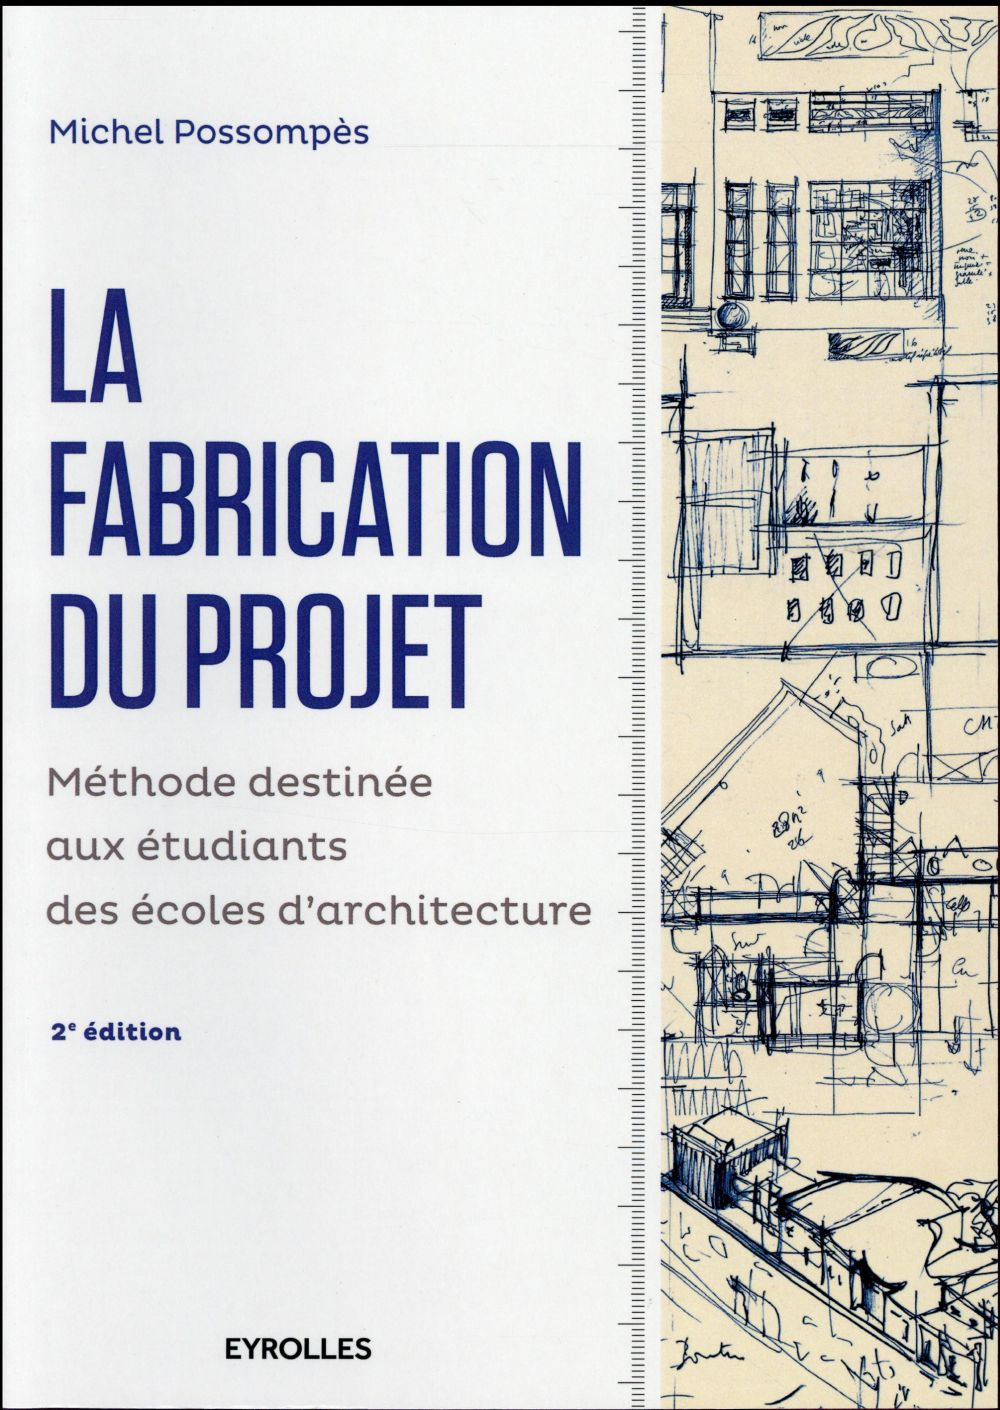 la fabrication du projet ; méthode destinée aux étudiants des écoles d'architecture (2e édition)